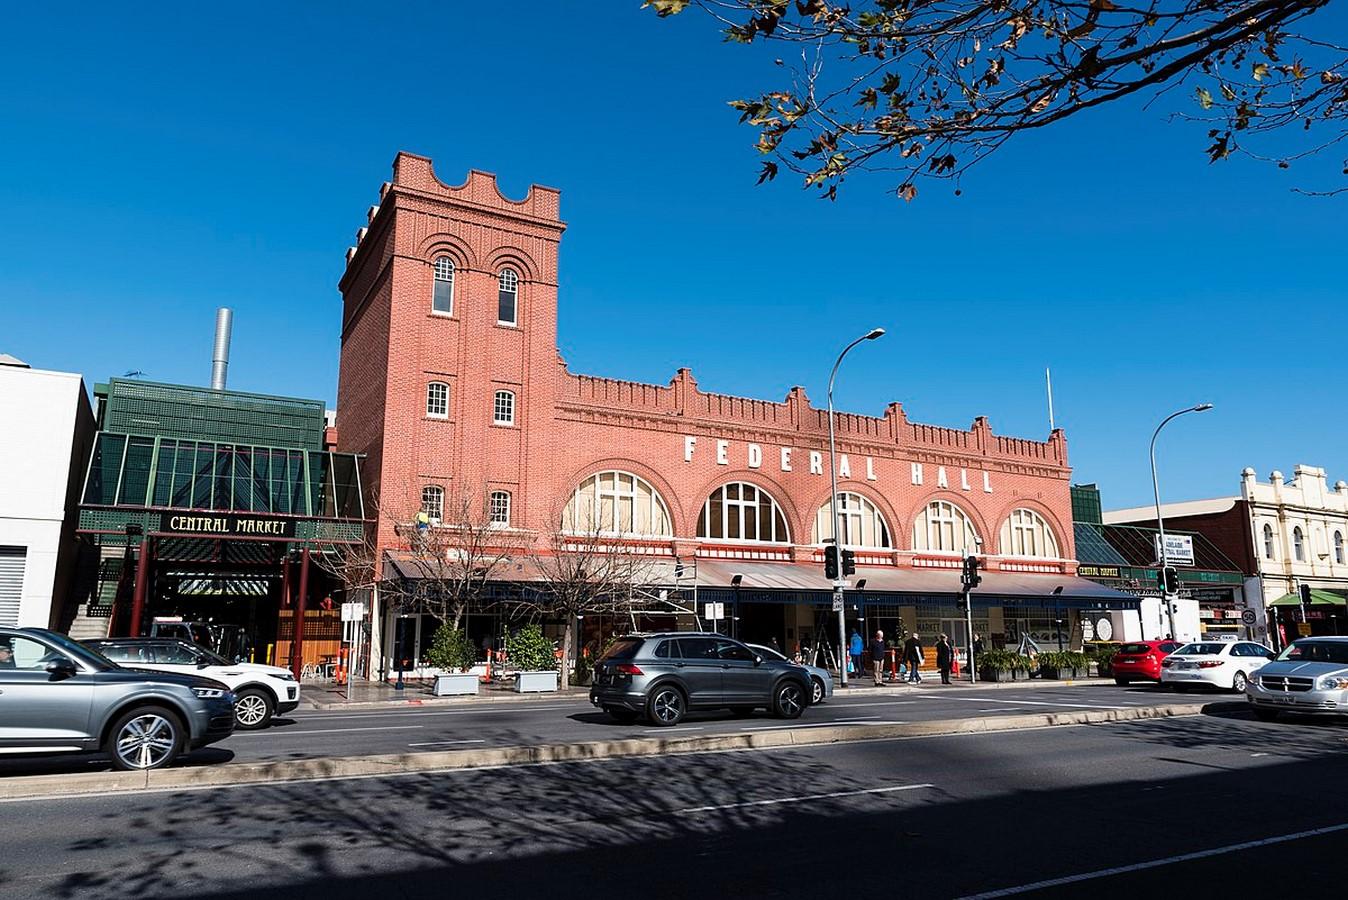 Adelaide Central Market - SHeet2